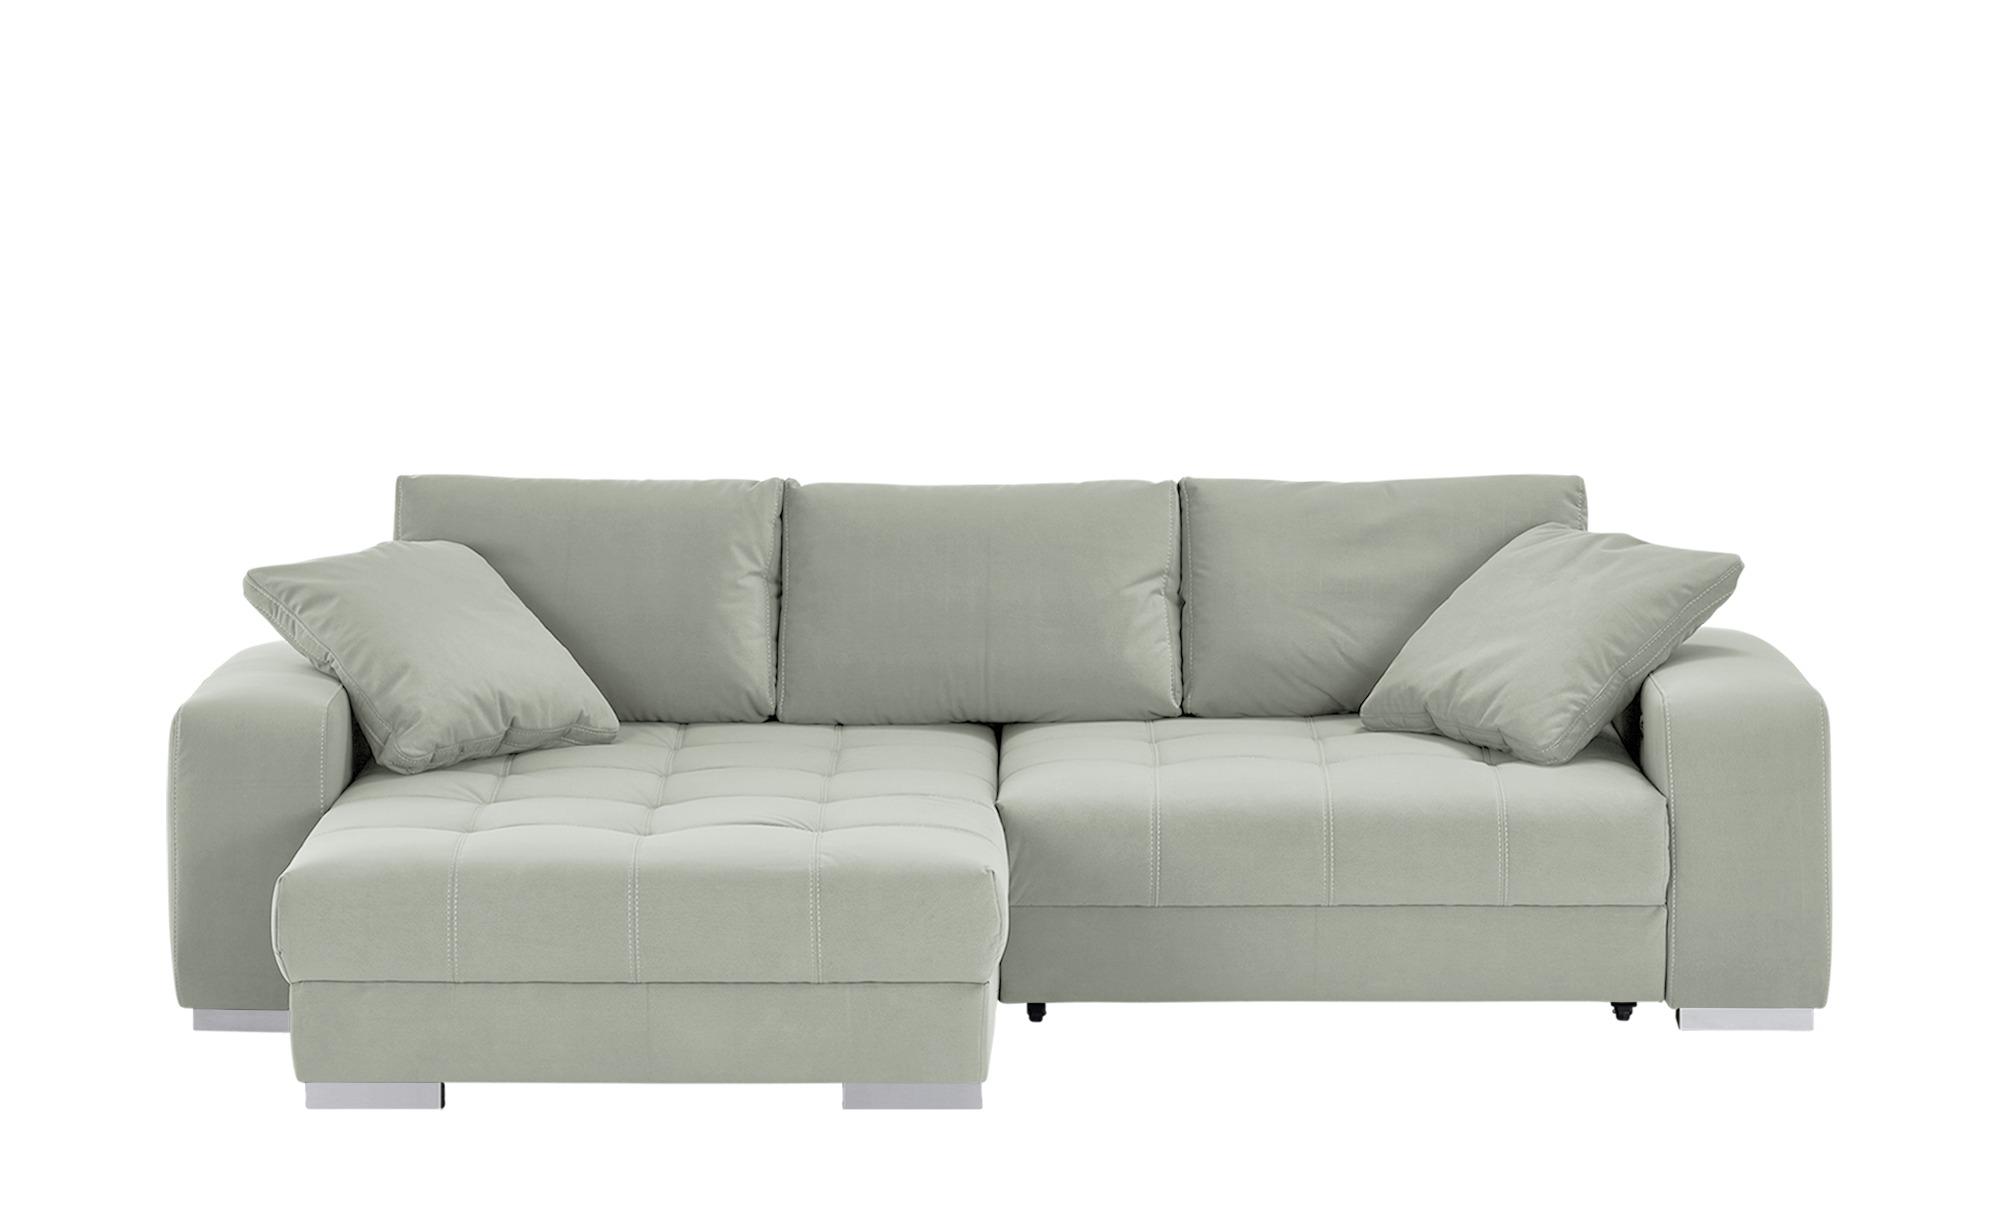 bobb Ecksofa - grau - 68 cm - Polstermöbel > Sofas > Ecksofas - Möbel Kraft   Wohnzimmer > Sofas & Couches > Ecksofas & Eckcouches   bobb